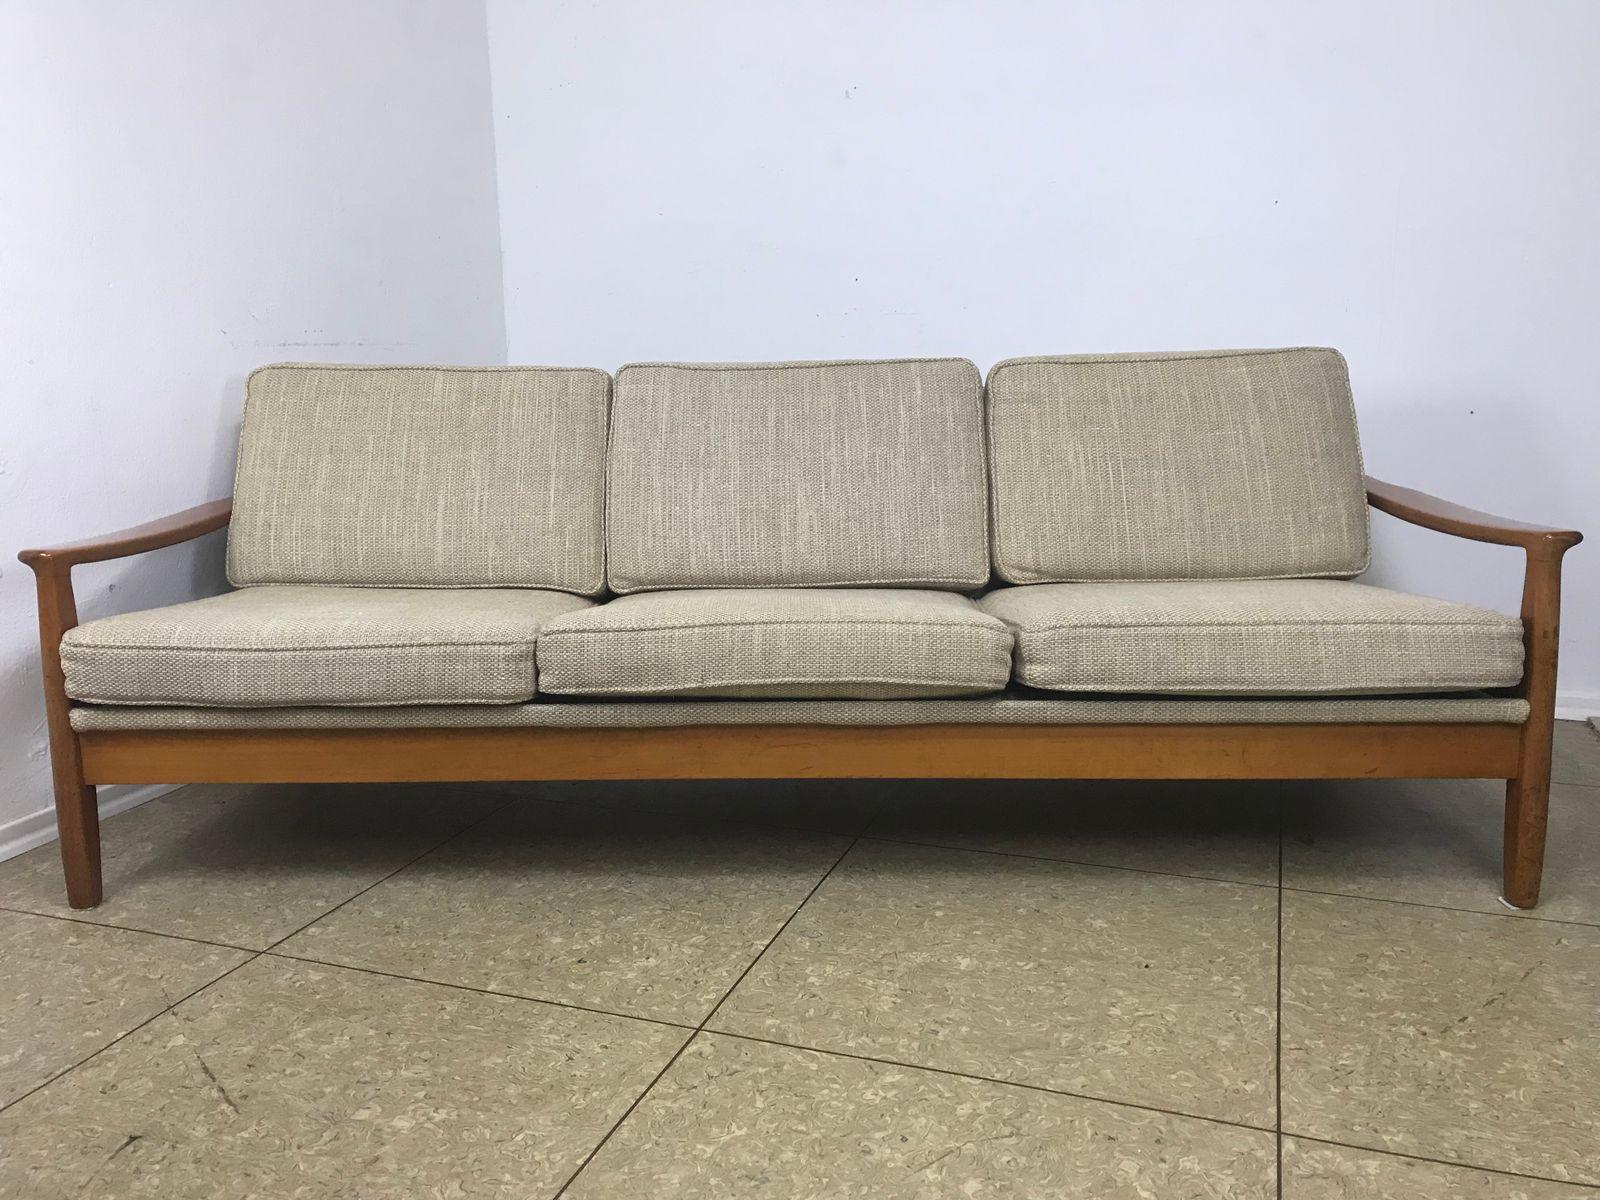 mid century schlafsofa aus kirschholz von straub bei pamono kaufen. Black Bedroom Furniture Sets. Home Design Ideas